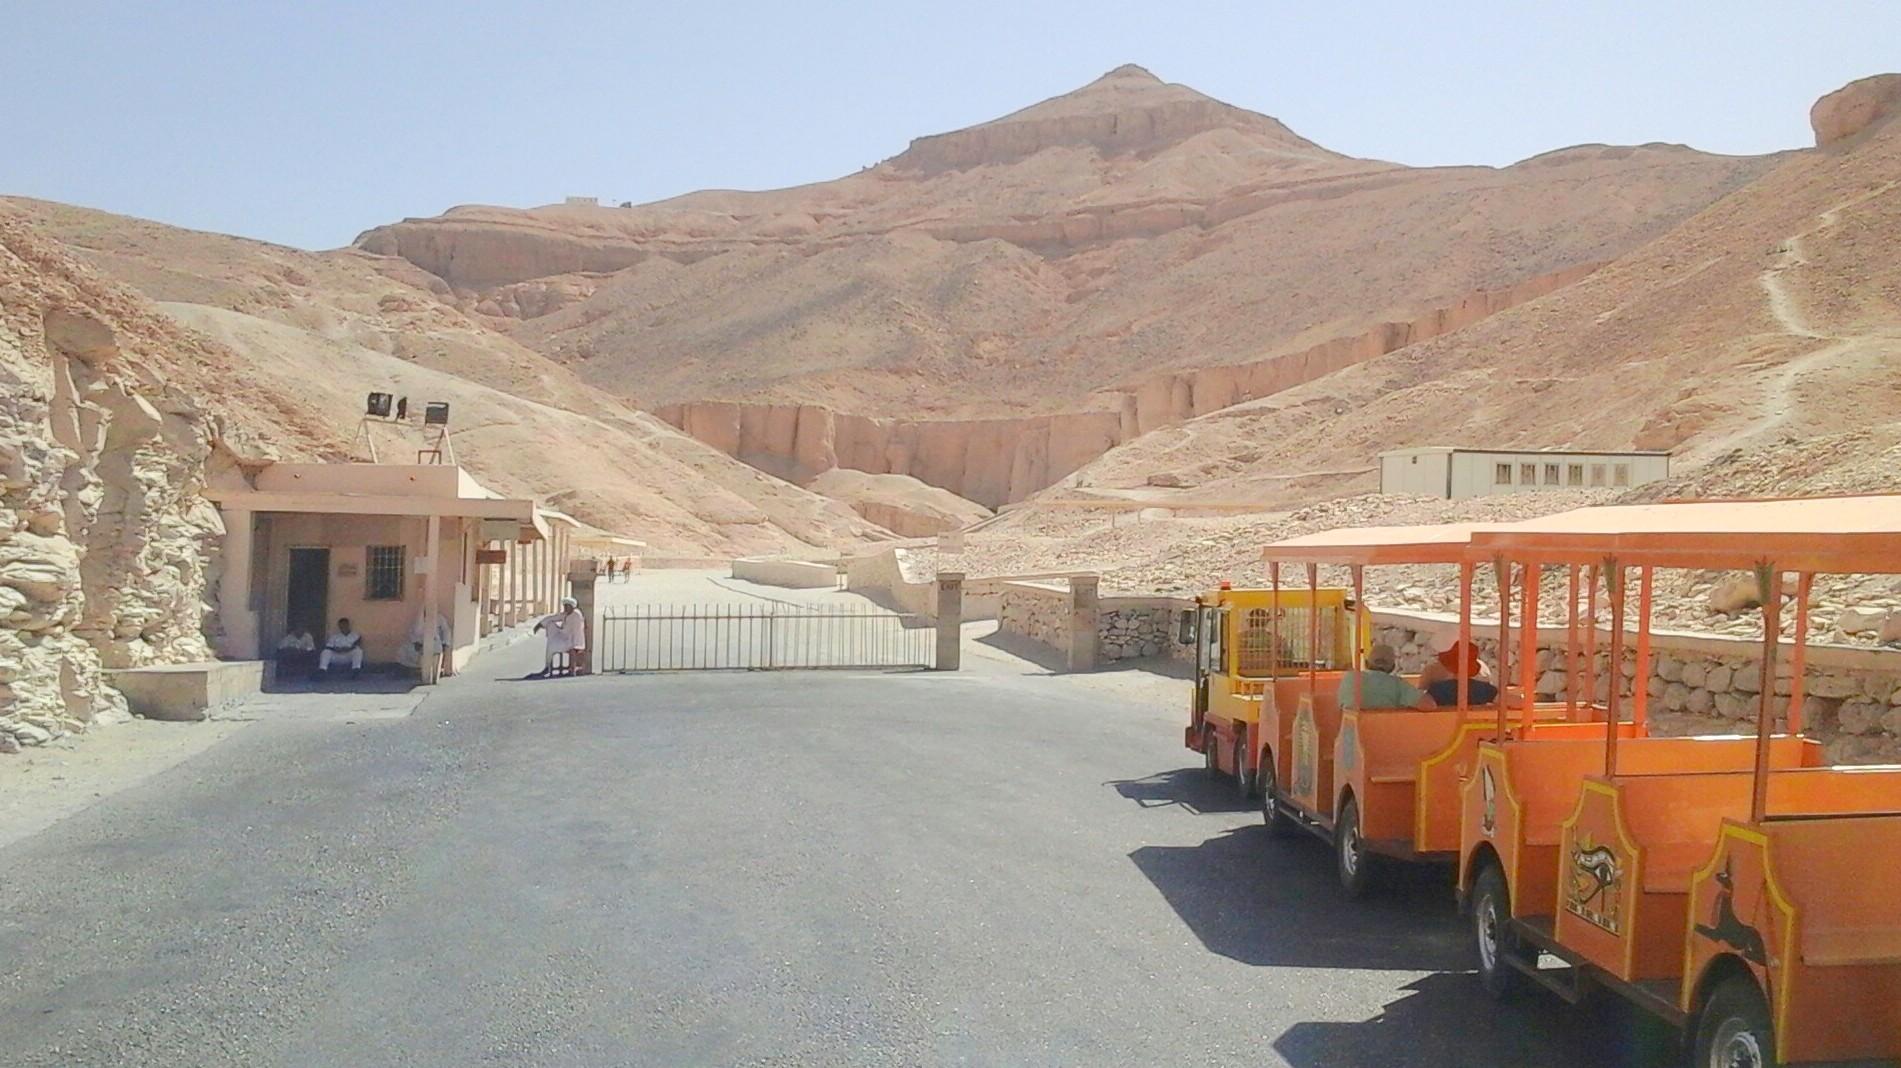 Excursión a Luxor - Valle de los Reyes de Hurghada